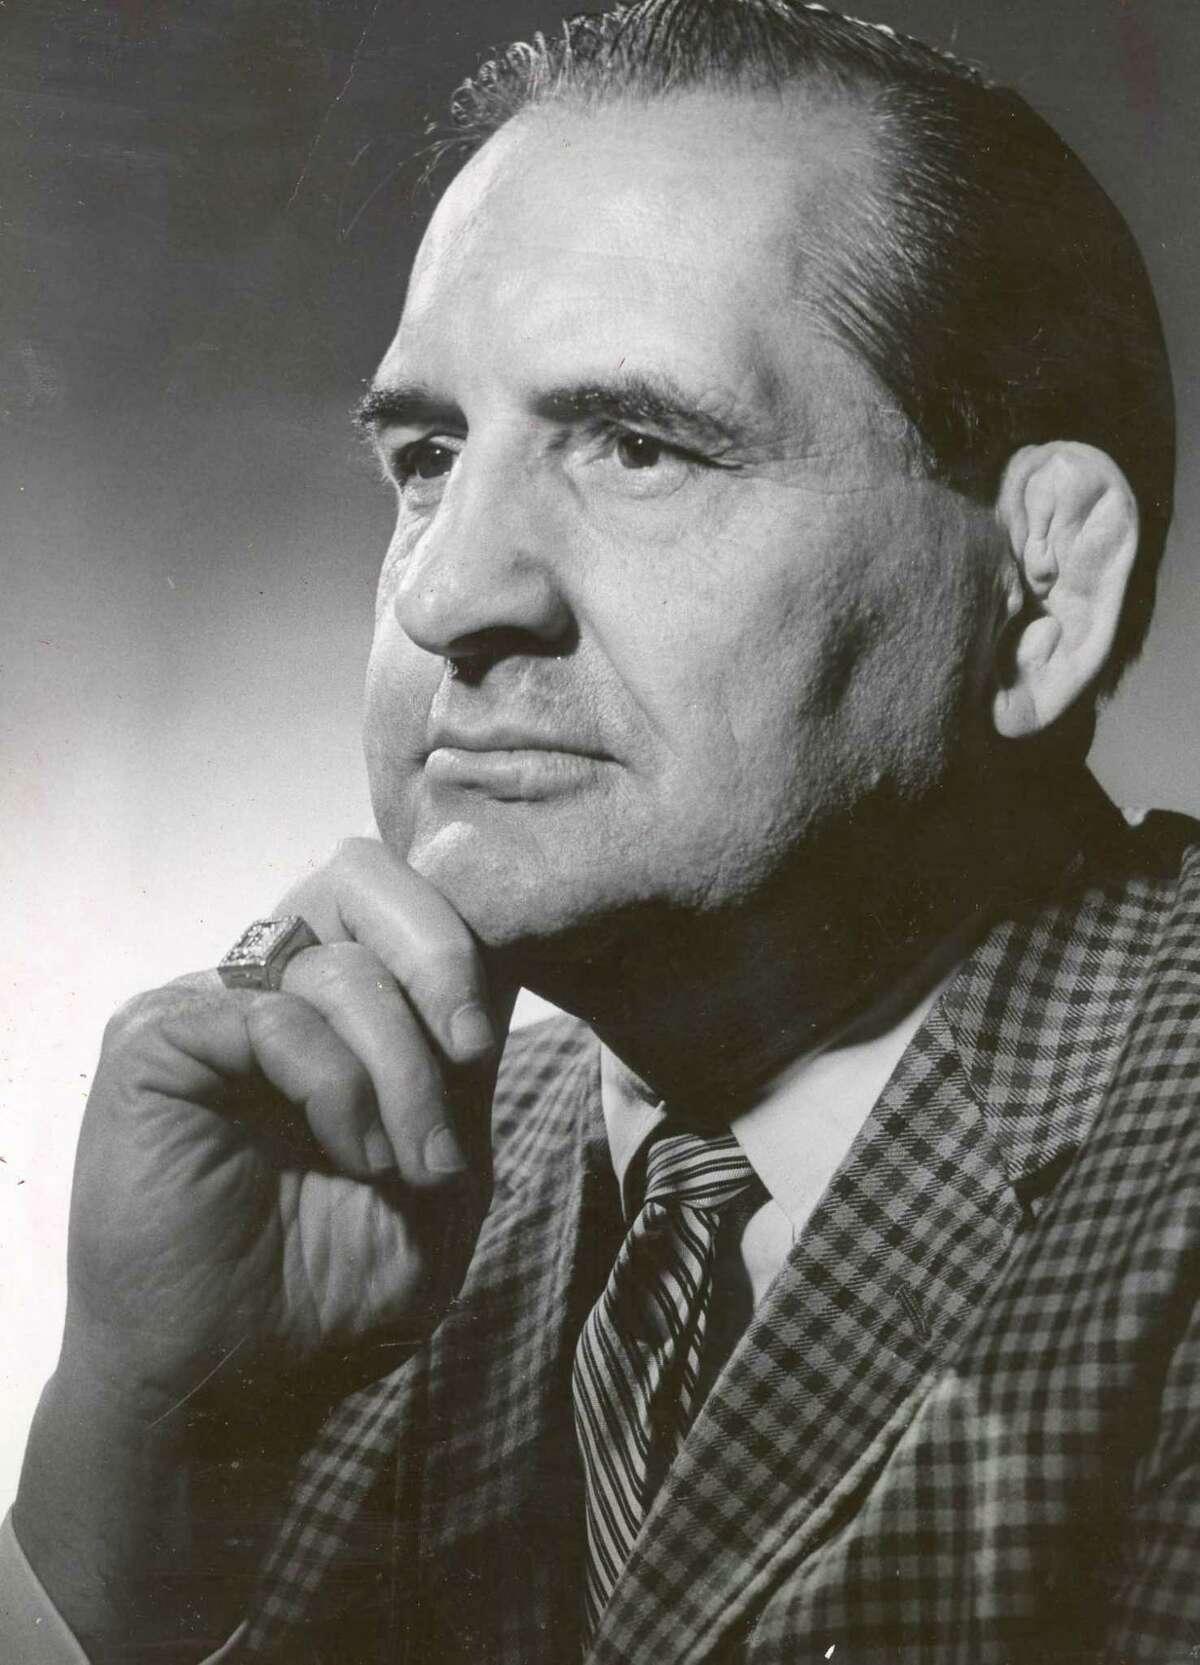 Paul Boesch in 1966.